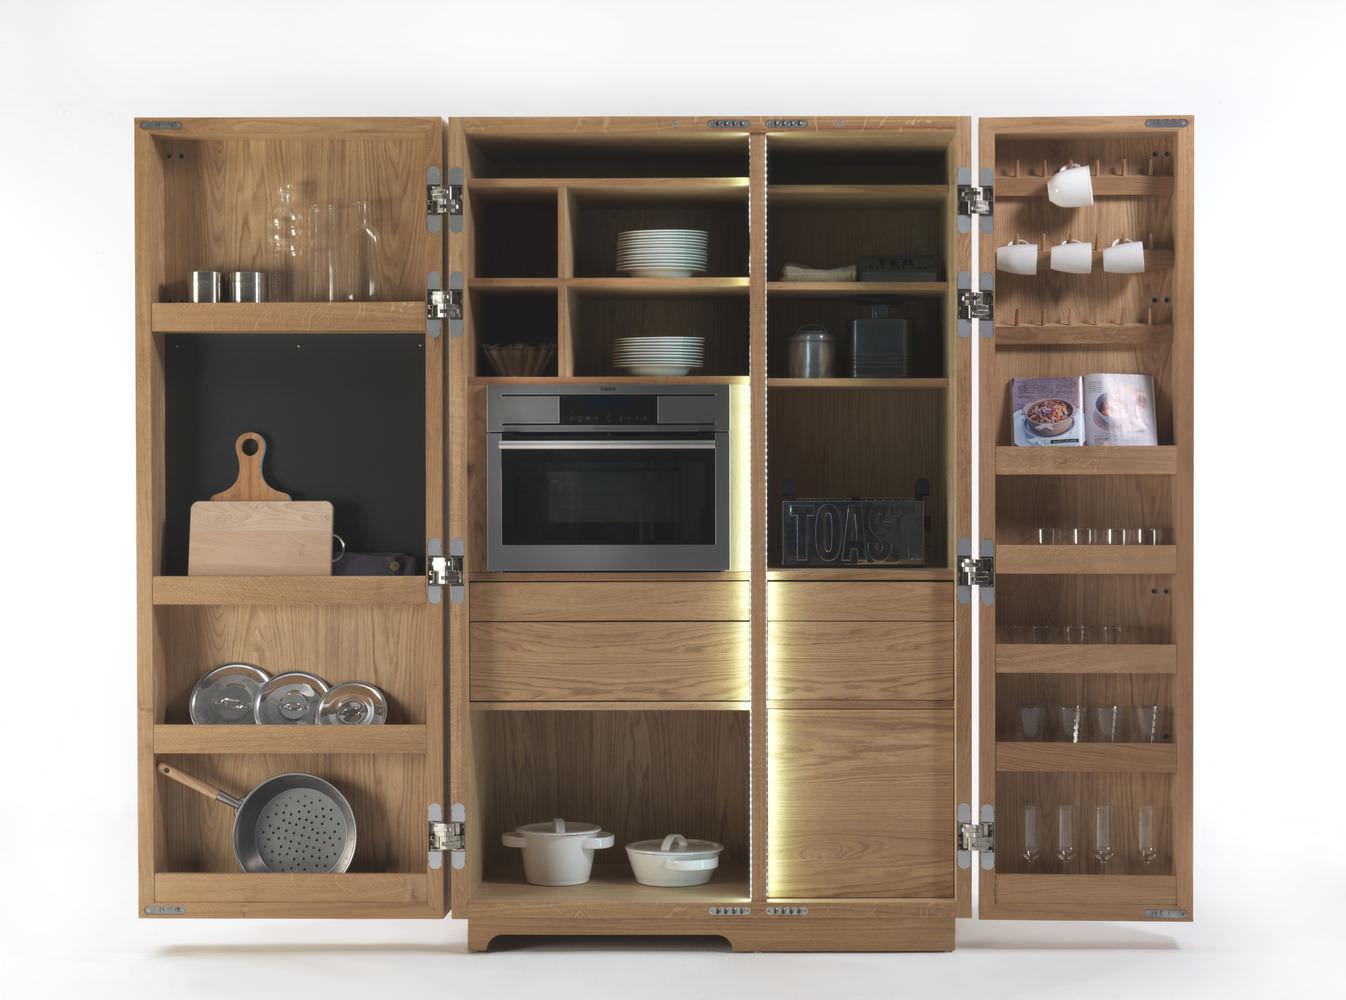 Moderner Lagerschrank für Küchen / Holz - CAMBUSA by Giuliano ...